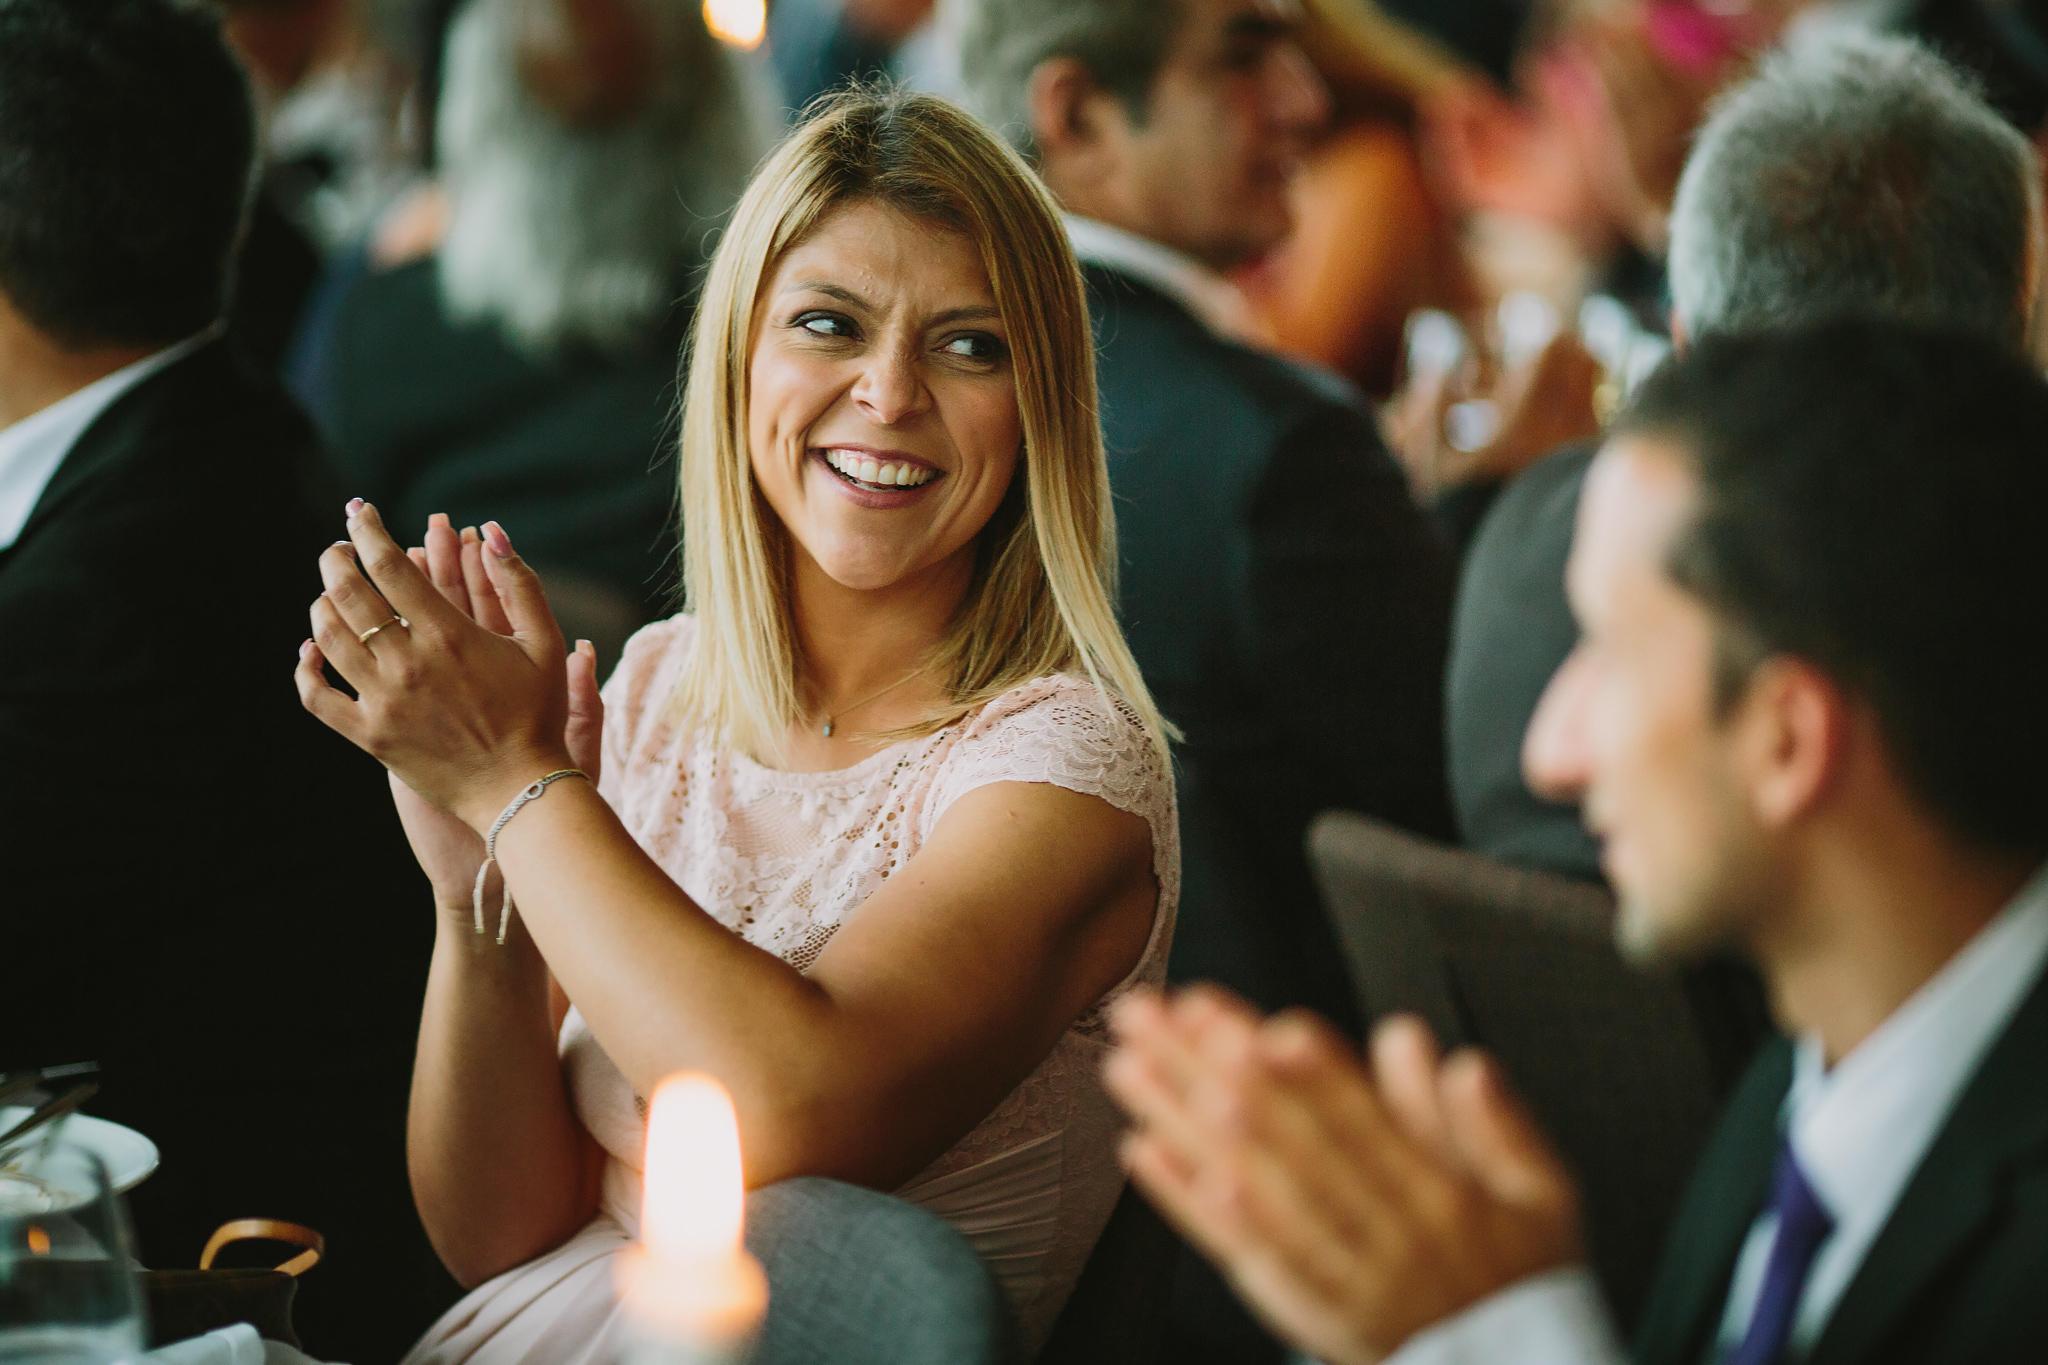 gäster klappar händer